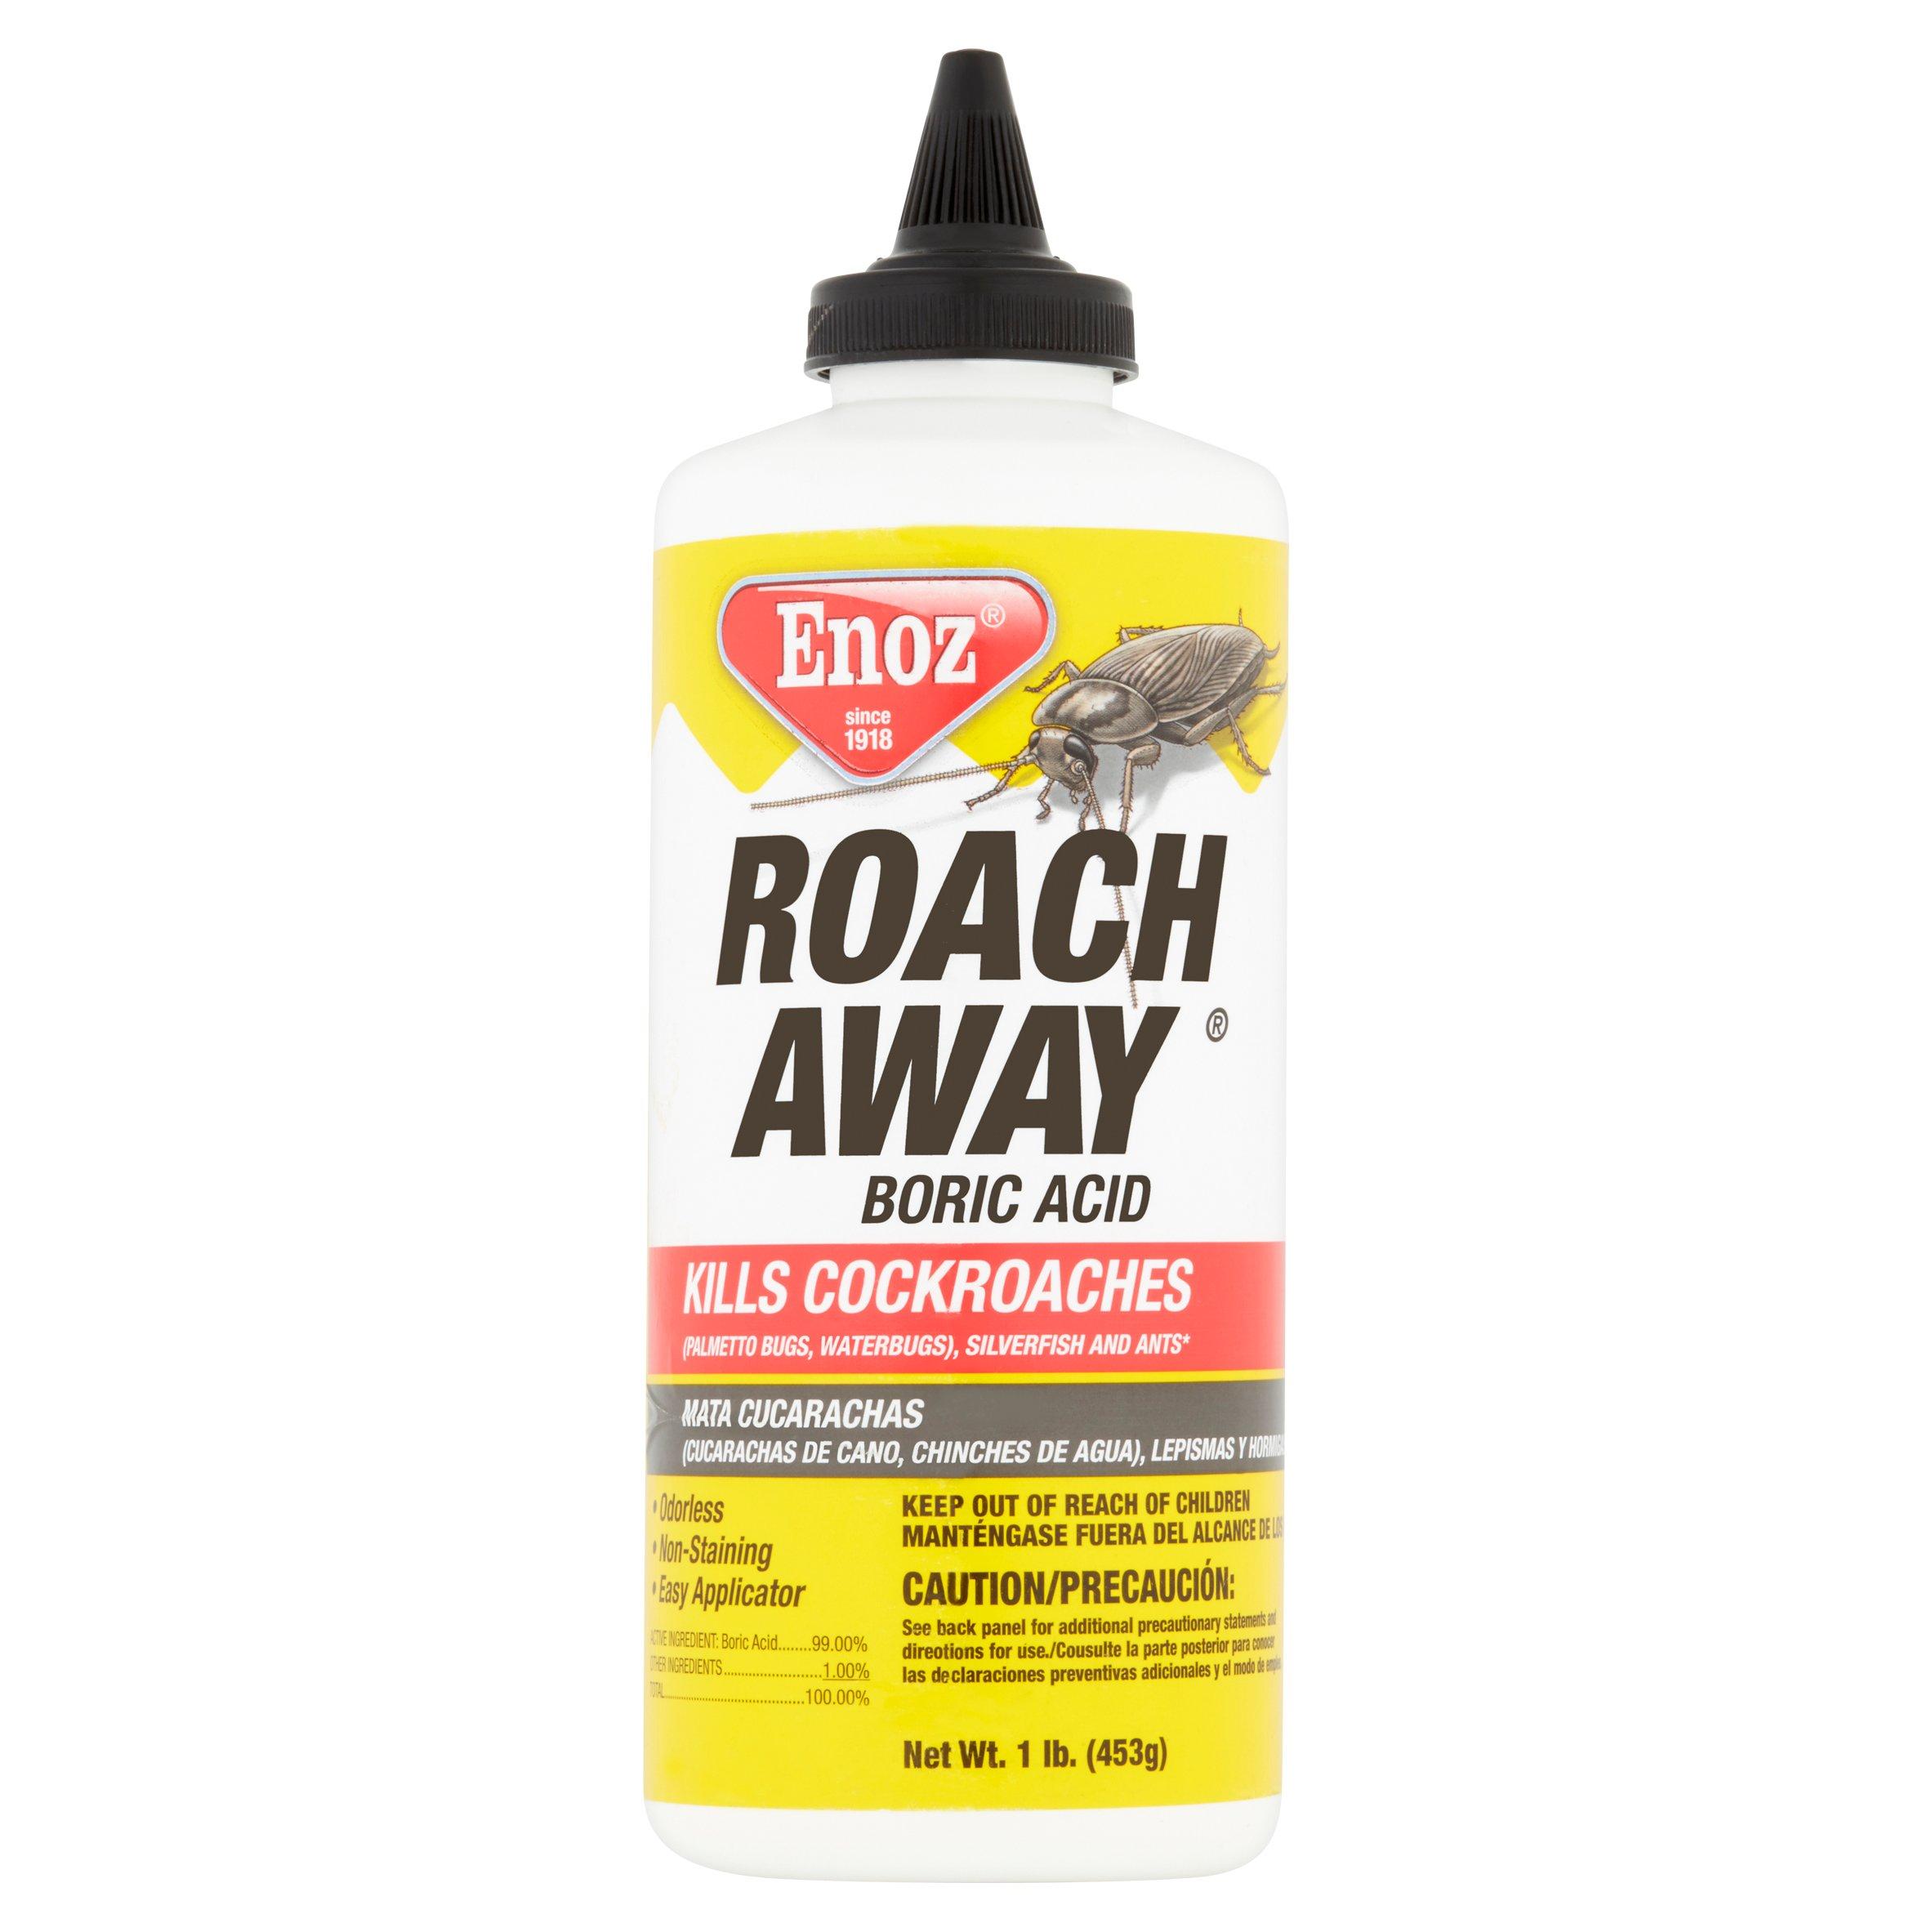 Enoz Roach Away Boric Acid, 1 lb